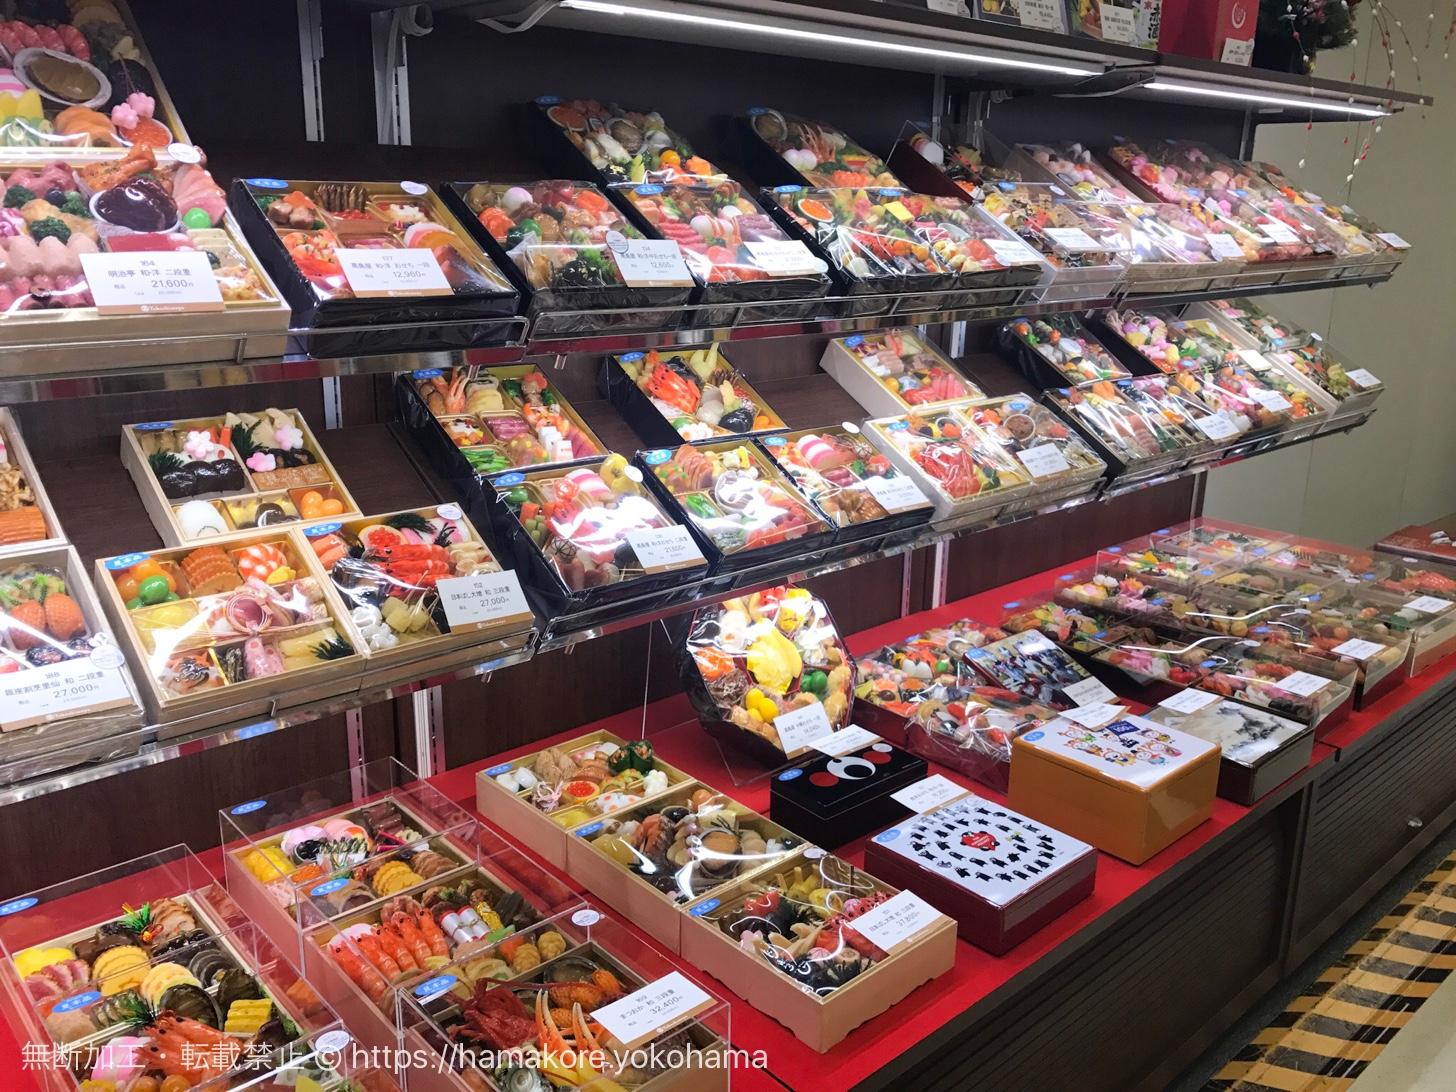 横浜高島屋で2018年用のおせちサンプルを展示!ウルトラセブンやそうにゃん、崎陽軒